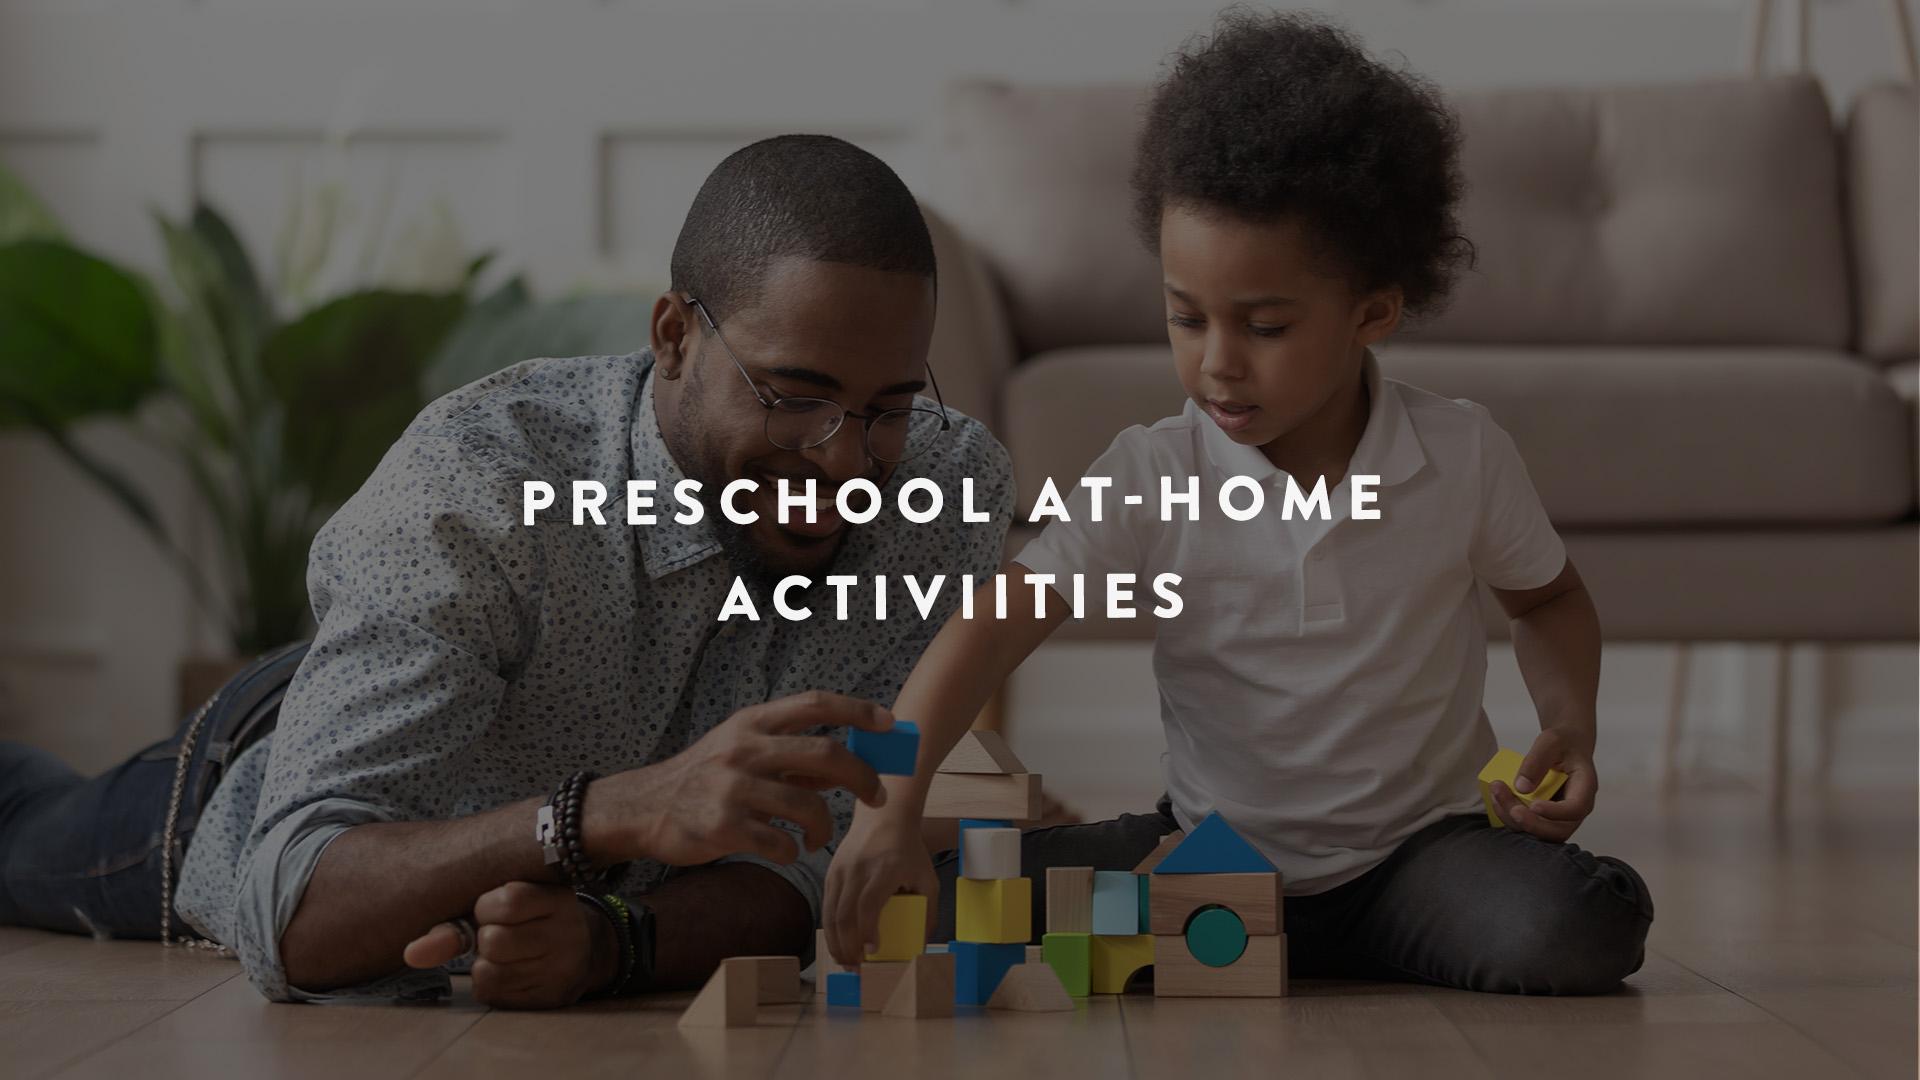 preschool at-home activities